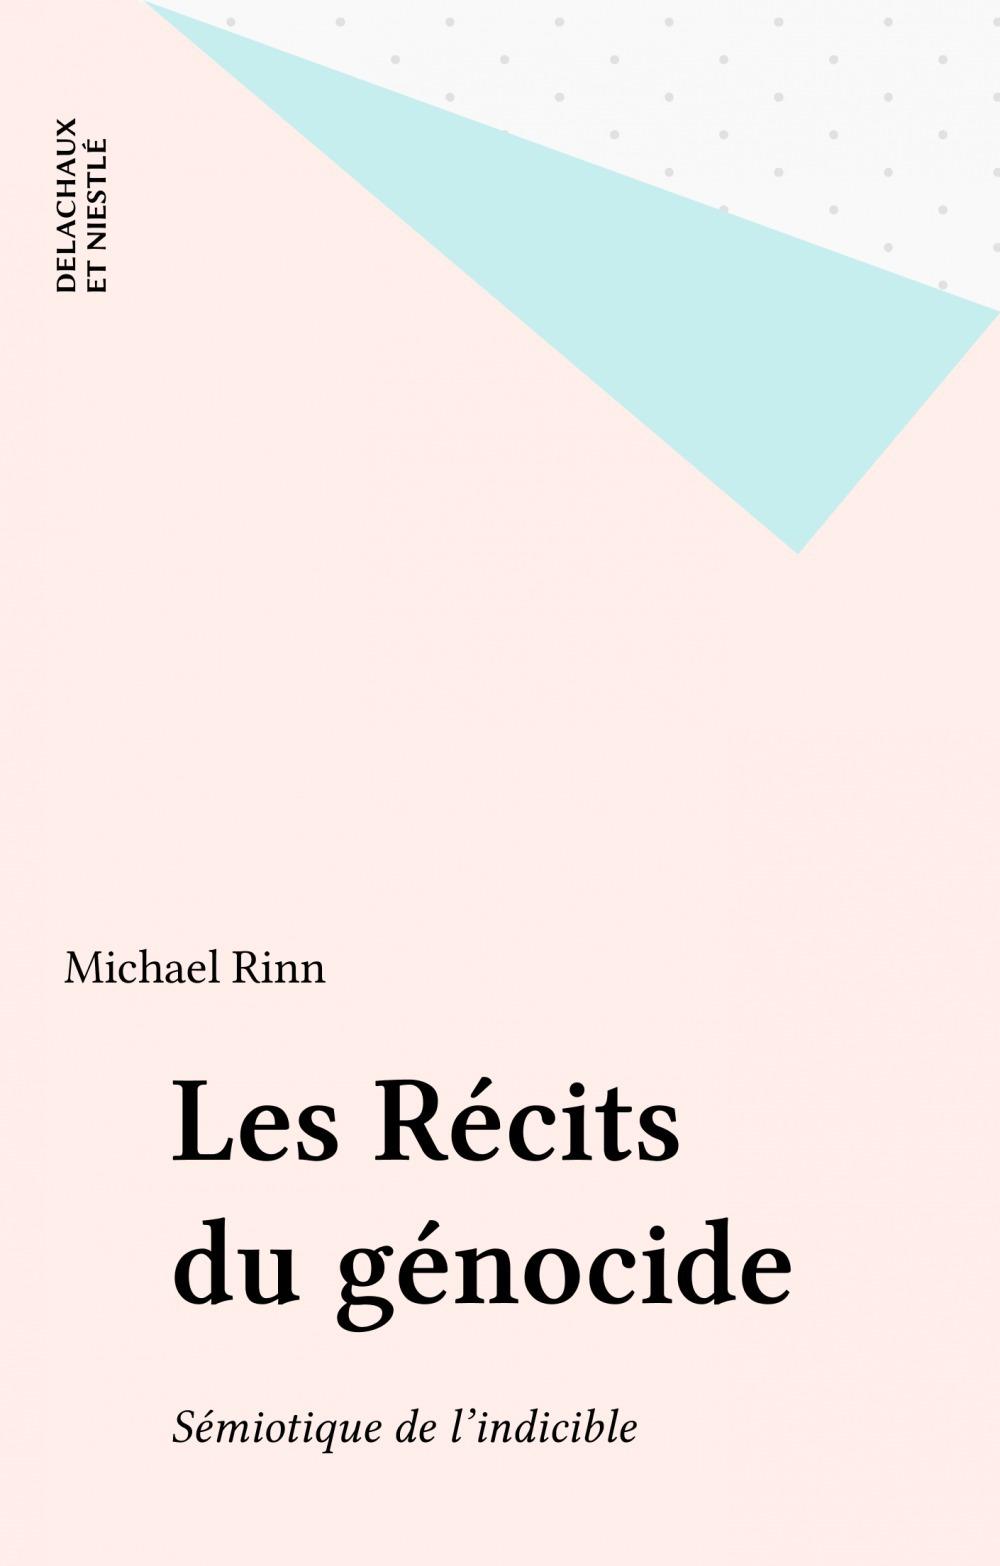 Recits du genocide (les)